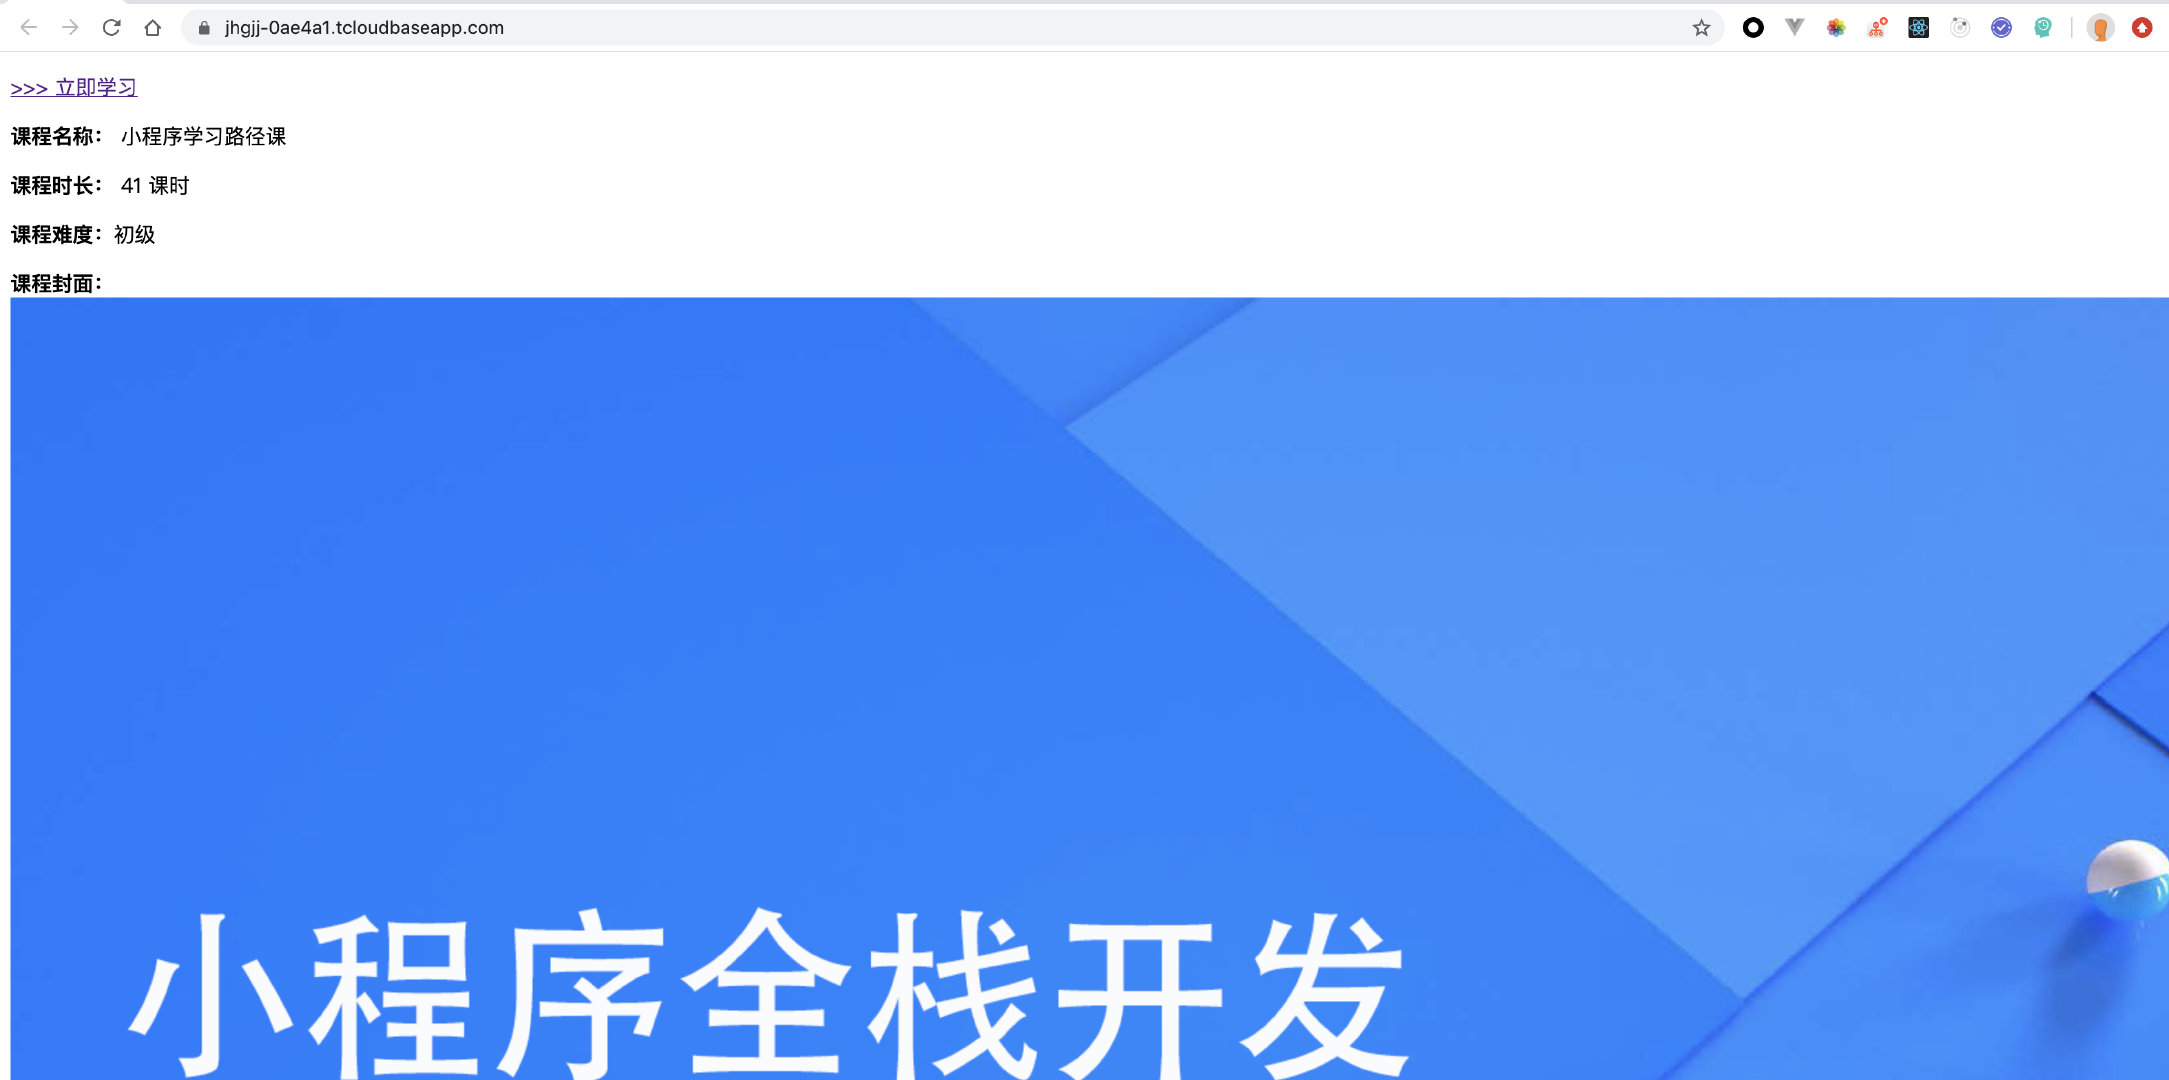 基于 Next.js 和云开发 CMS 的内容型网站应用实战开发